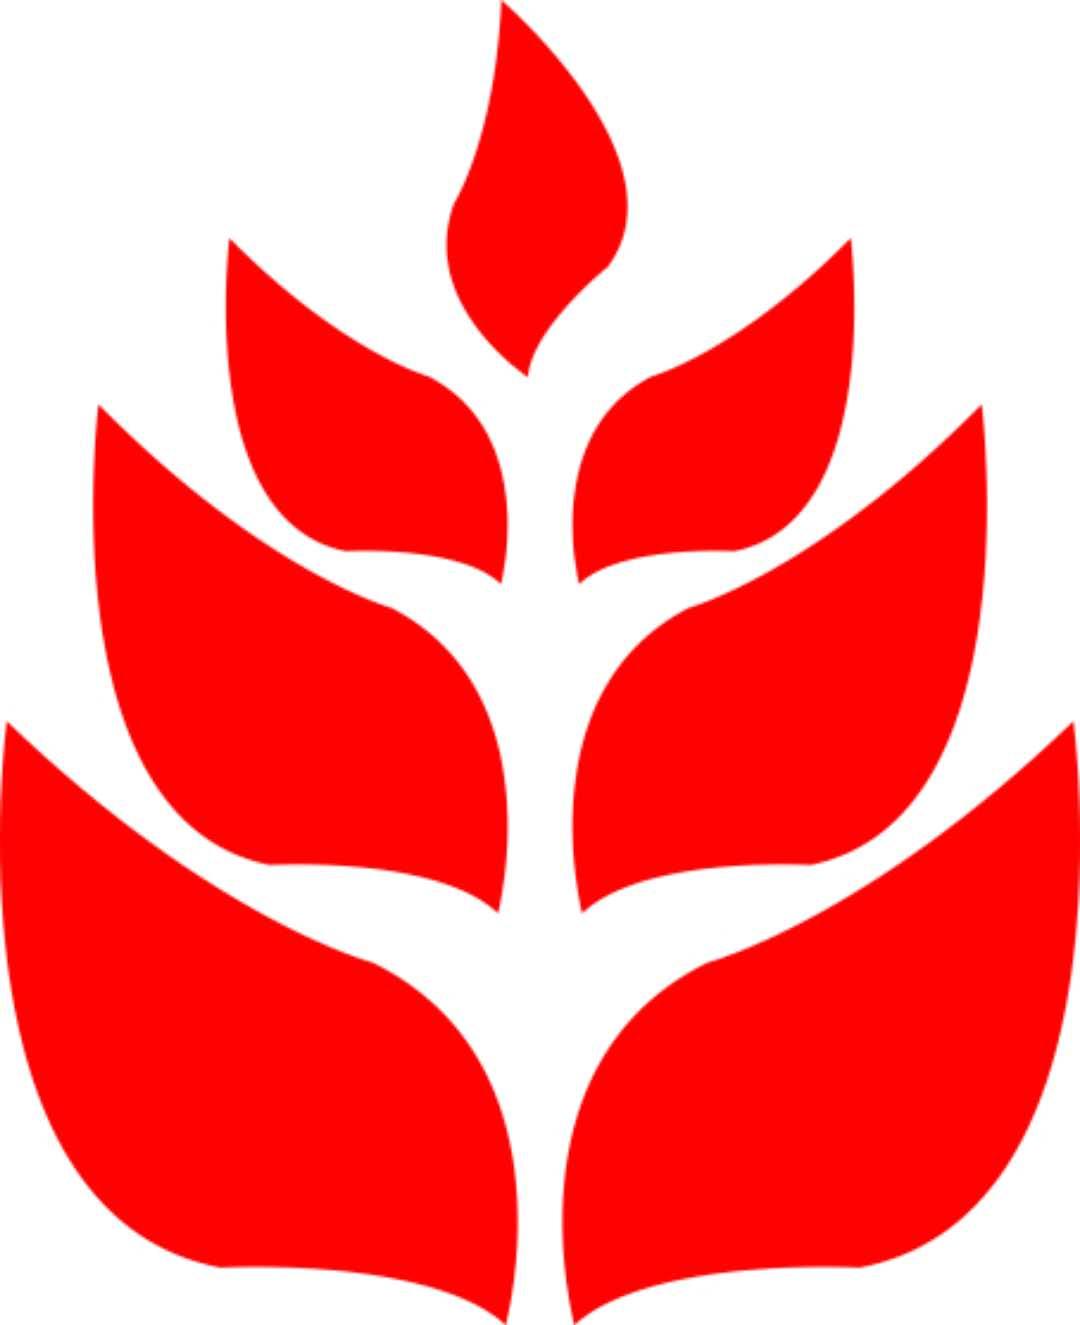 河南贰玖合赢装饰装修工程有限公司 - 郑州装修公司